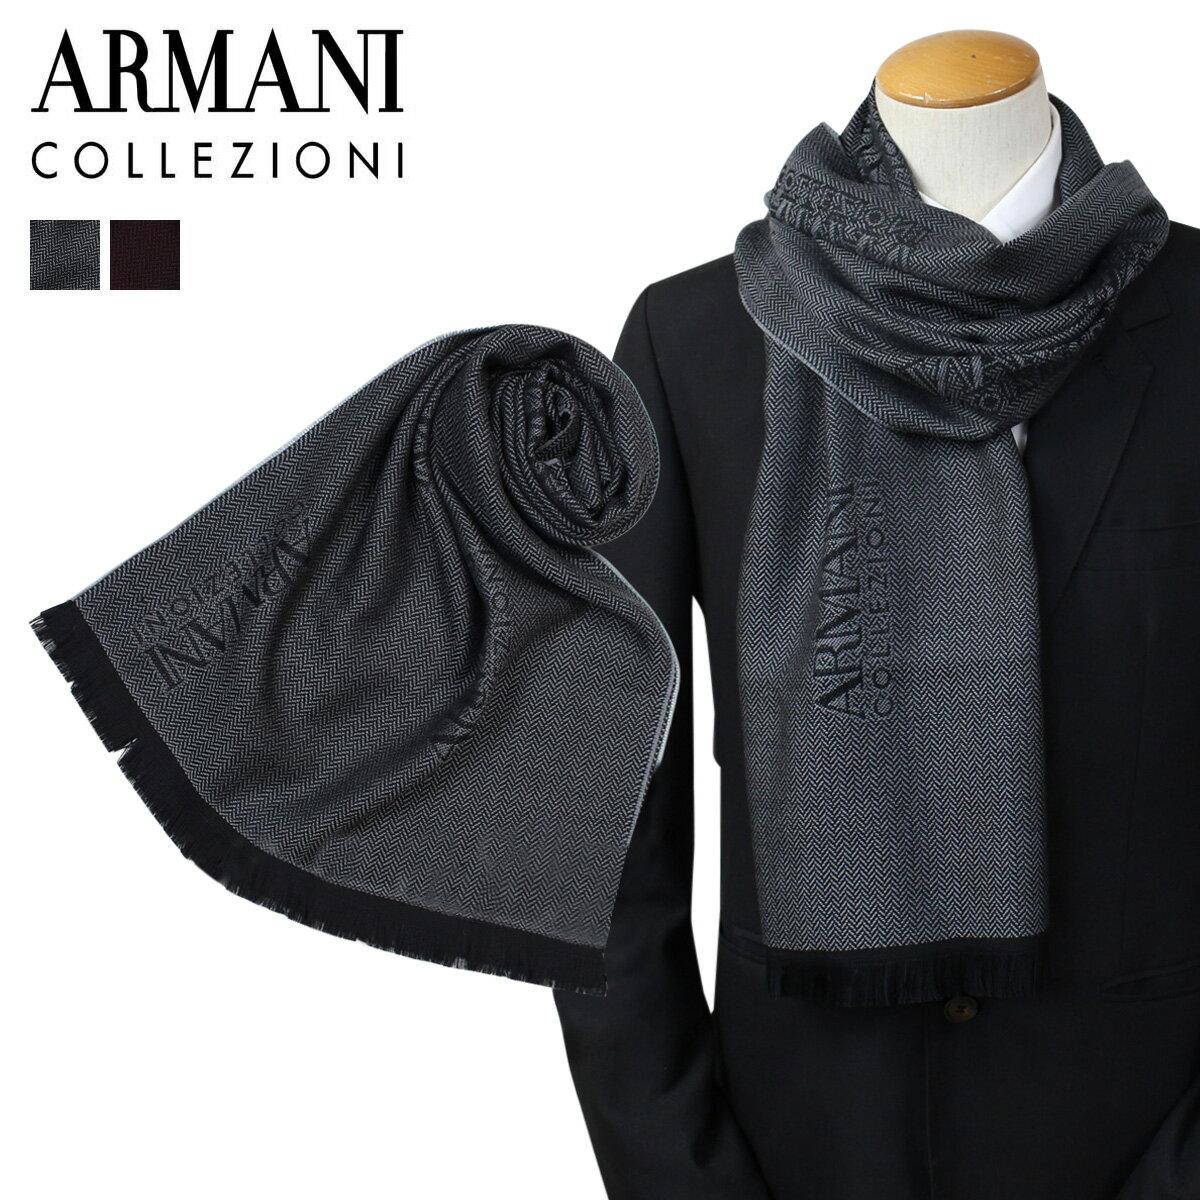 アルマーニ マフラー メンズ ARMANI COLLEZIONI イタリア製 ビジネス カジュアル 645059-7A707 [2/6 追加入荷]